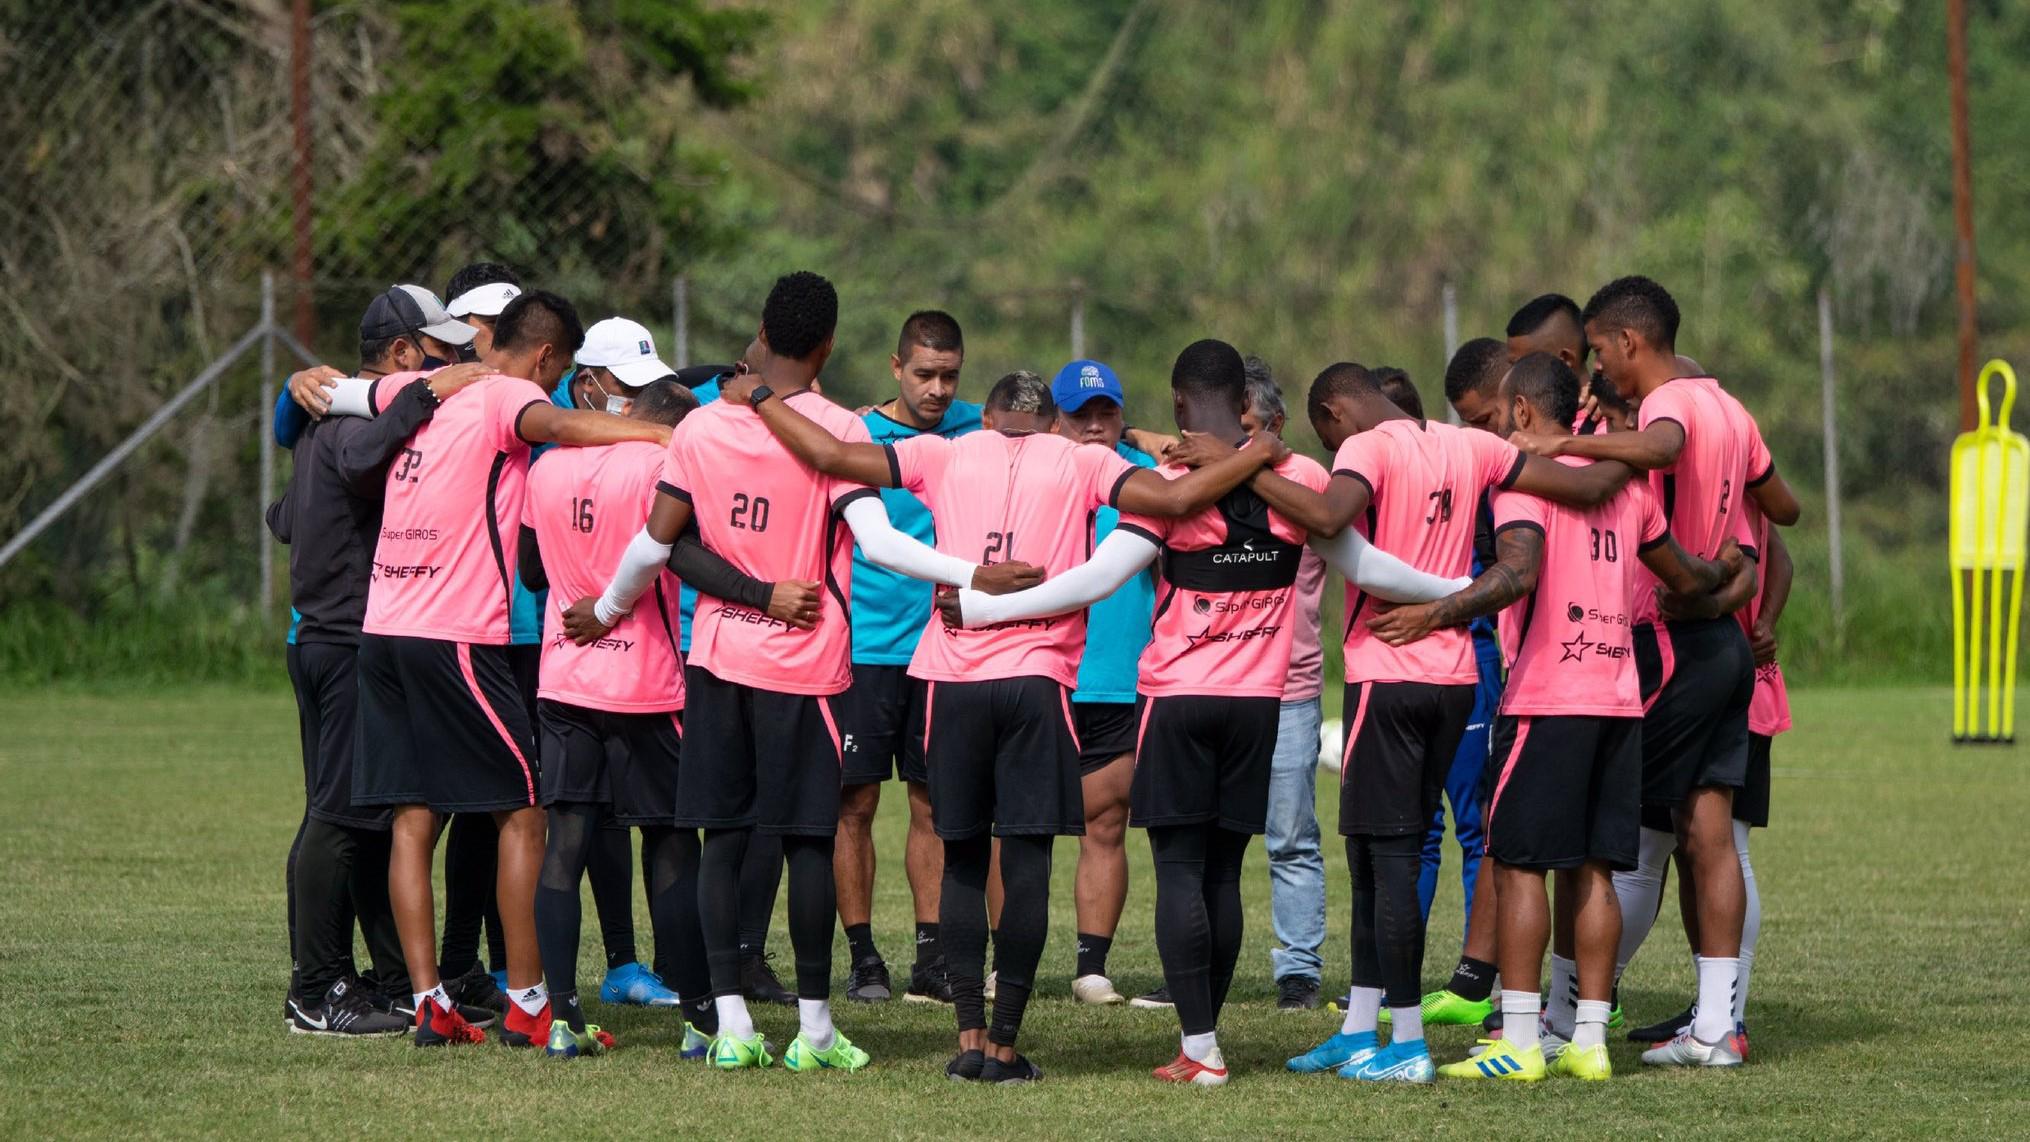 Posibles-refuerzos-delanteros-del-Once-Caldas-2015-Casa-Blanca-OC